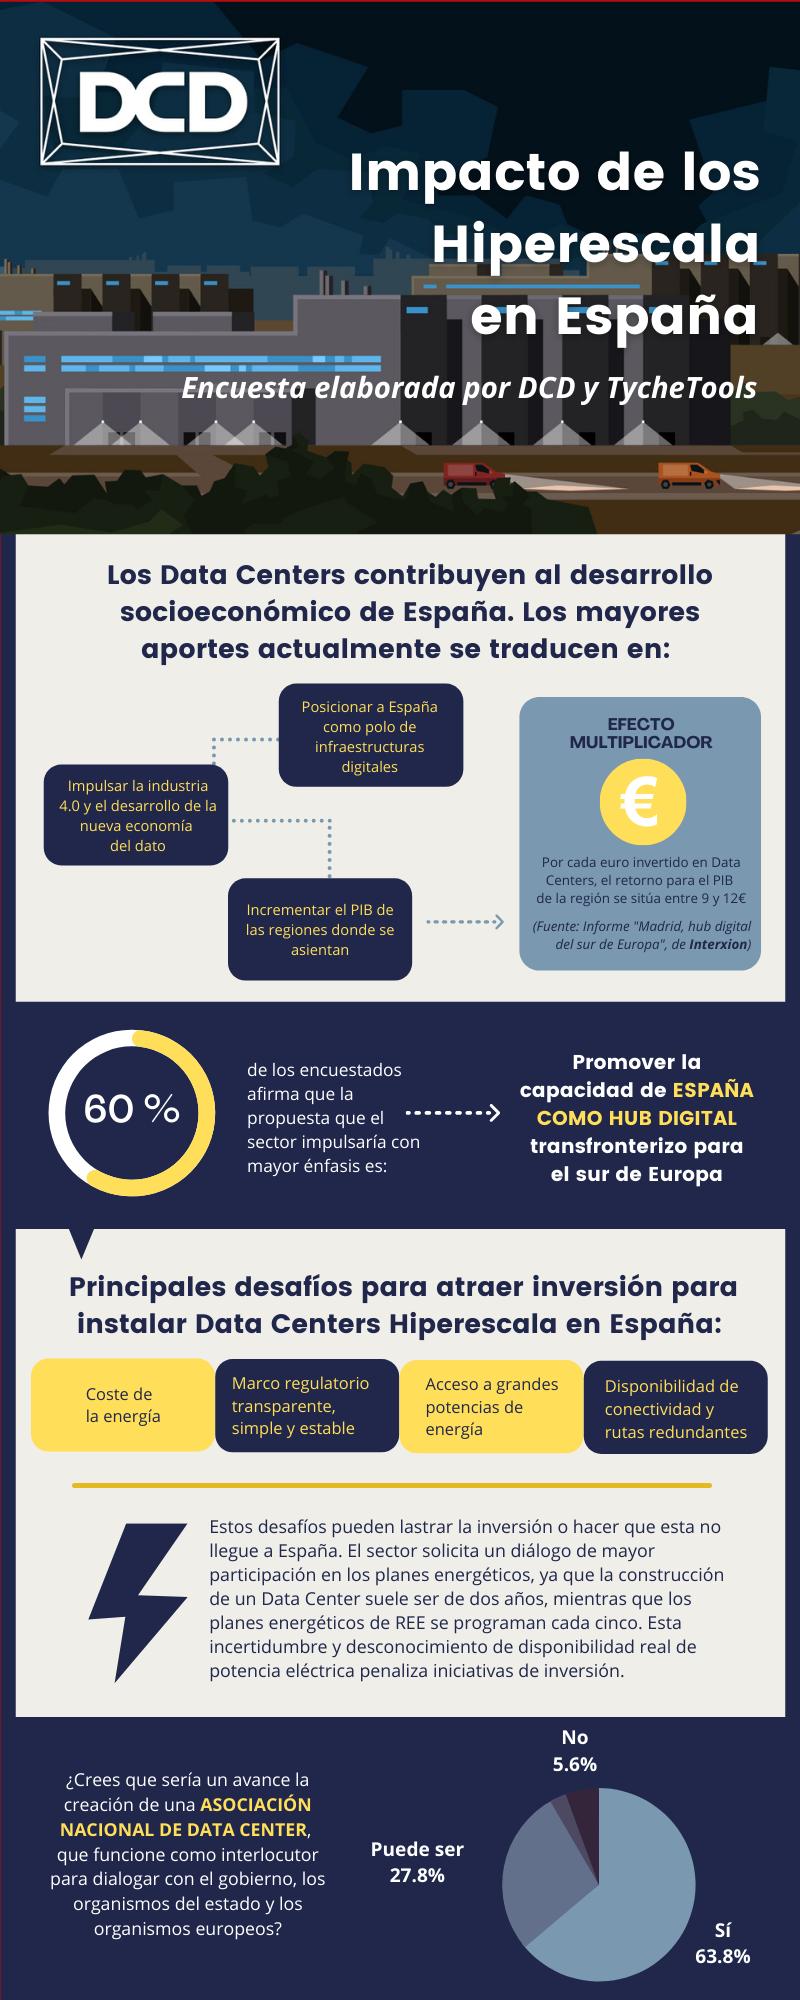 Impacto de los Hiperescala en España.png